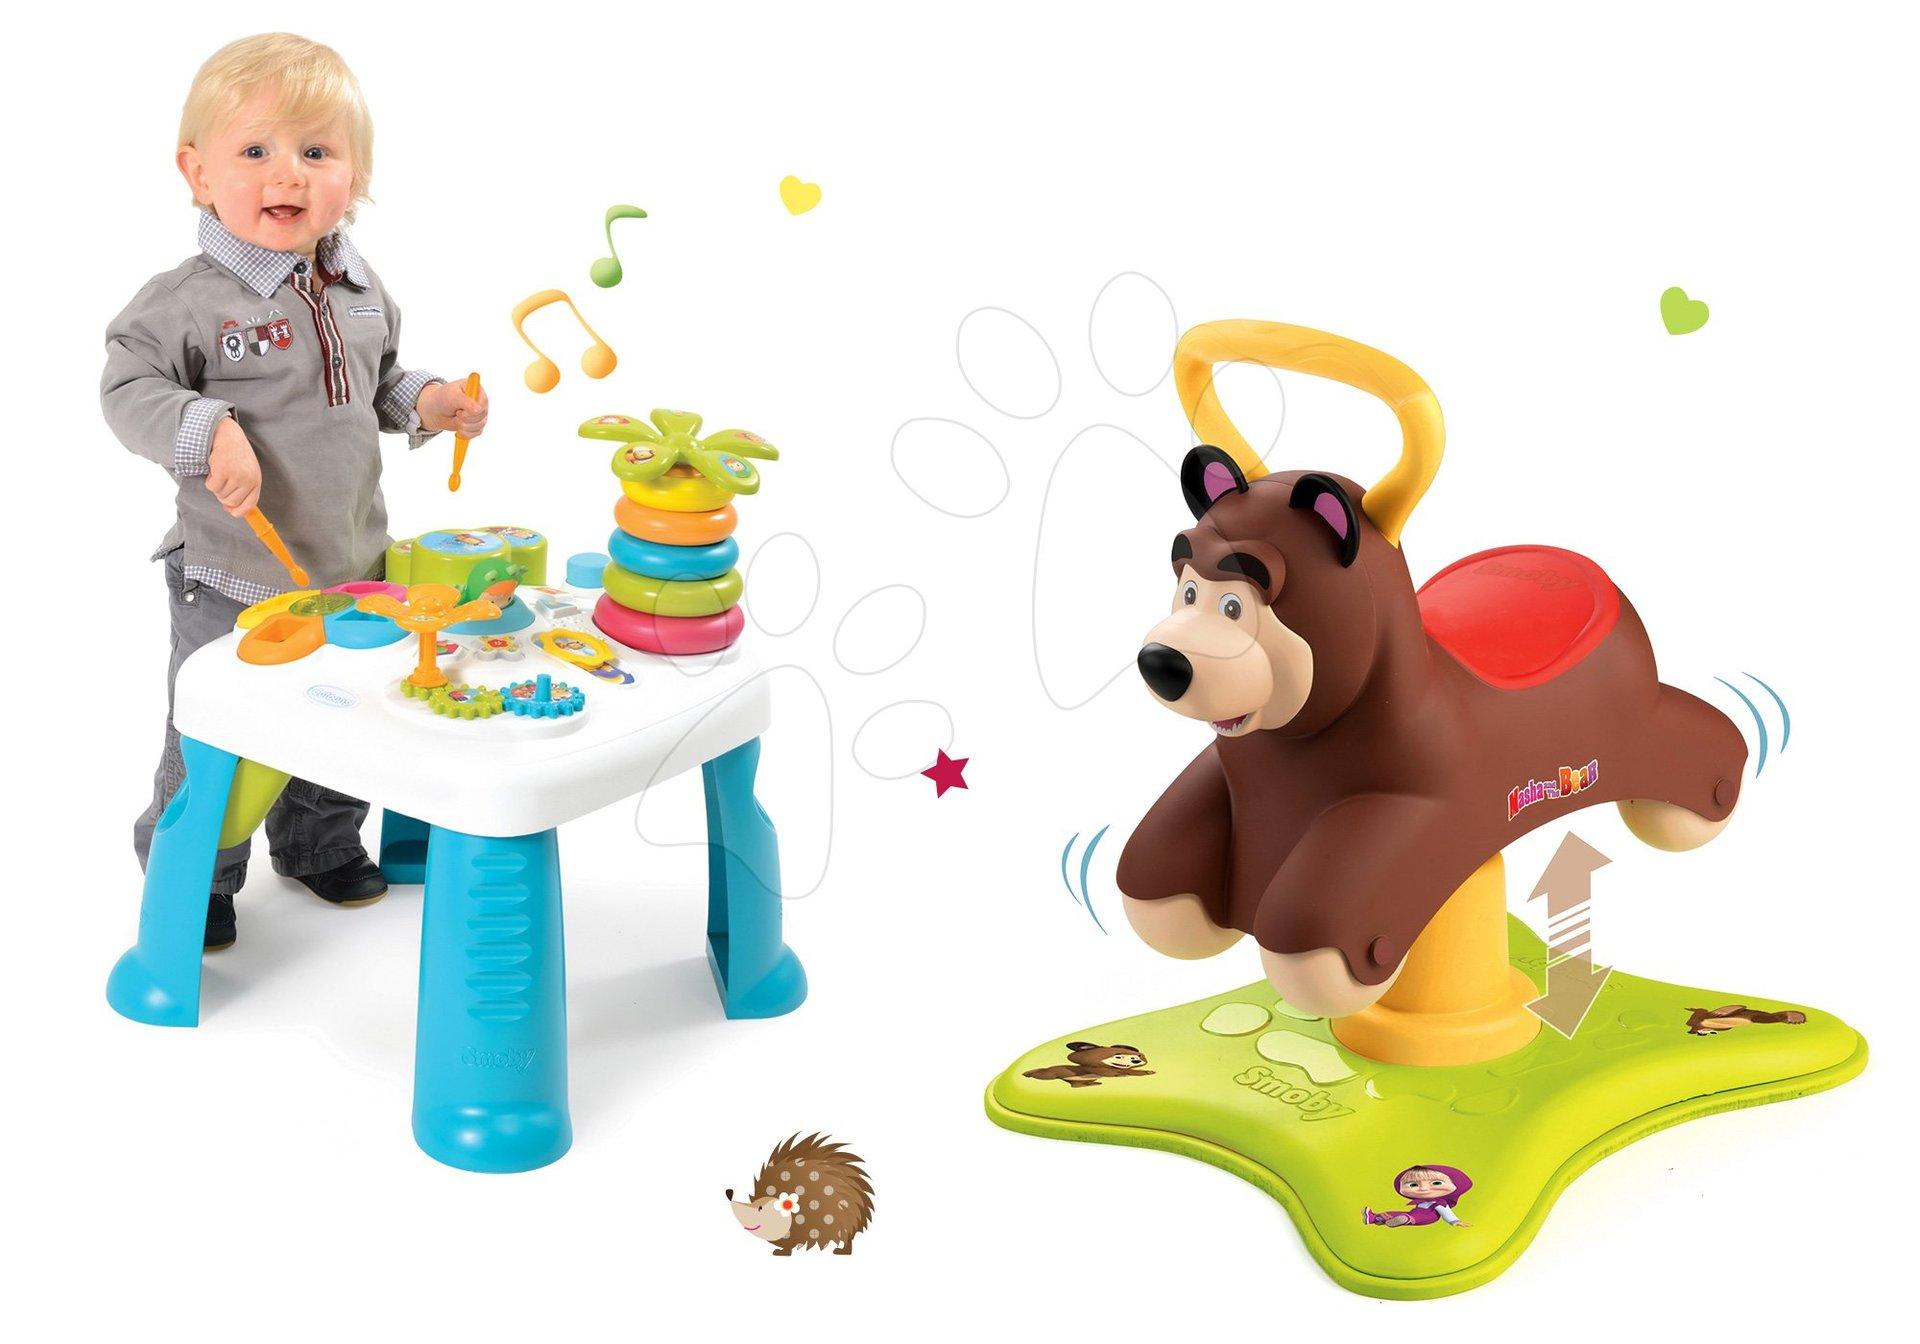 Komplet poganjalec Medved 2v1 Smoby skakajoči in vrteči se in didaktična mizica Cotoons z različnimi funkcijami od 12 mes